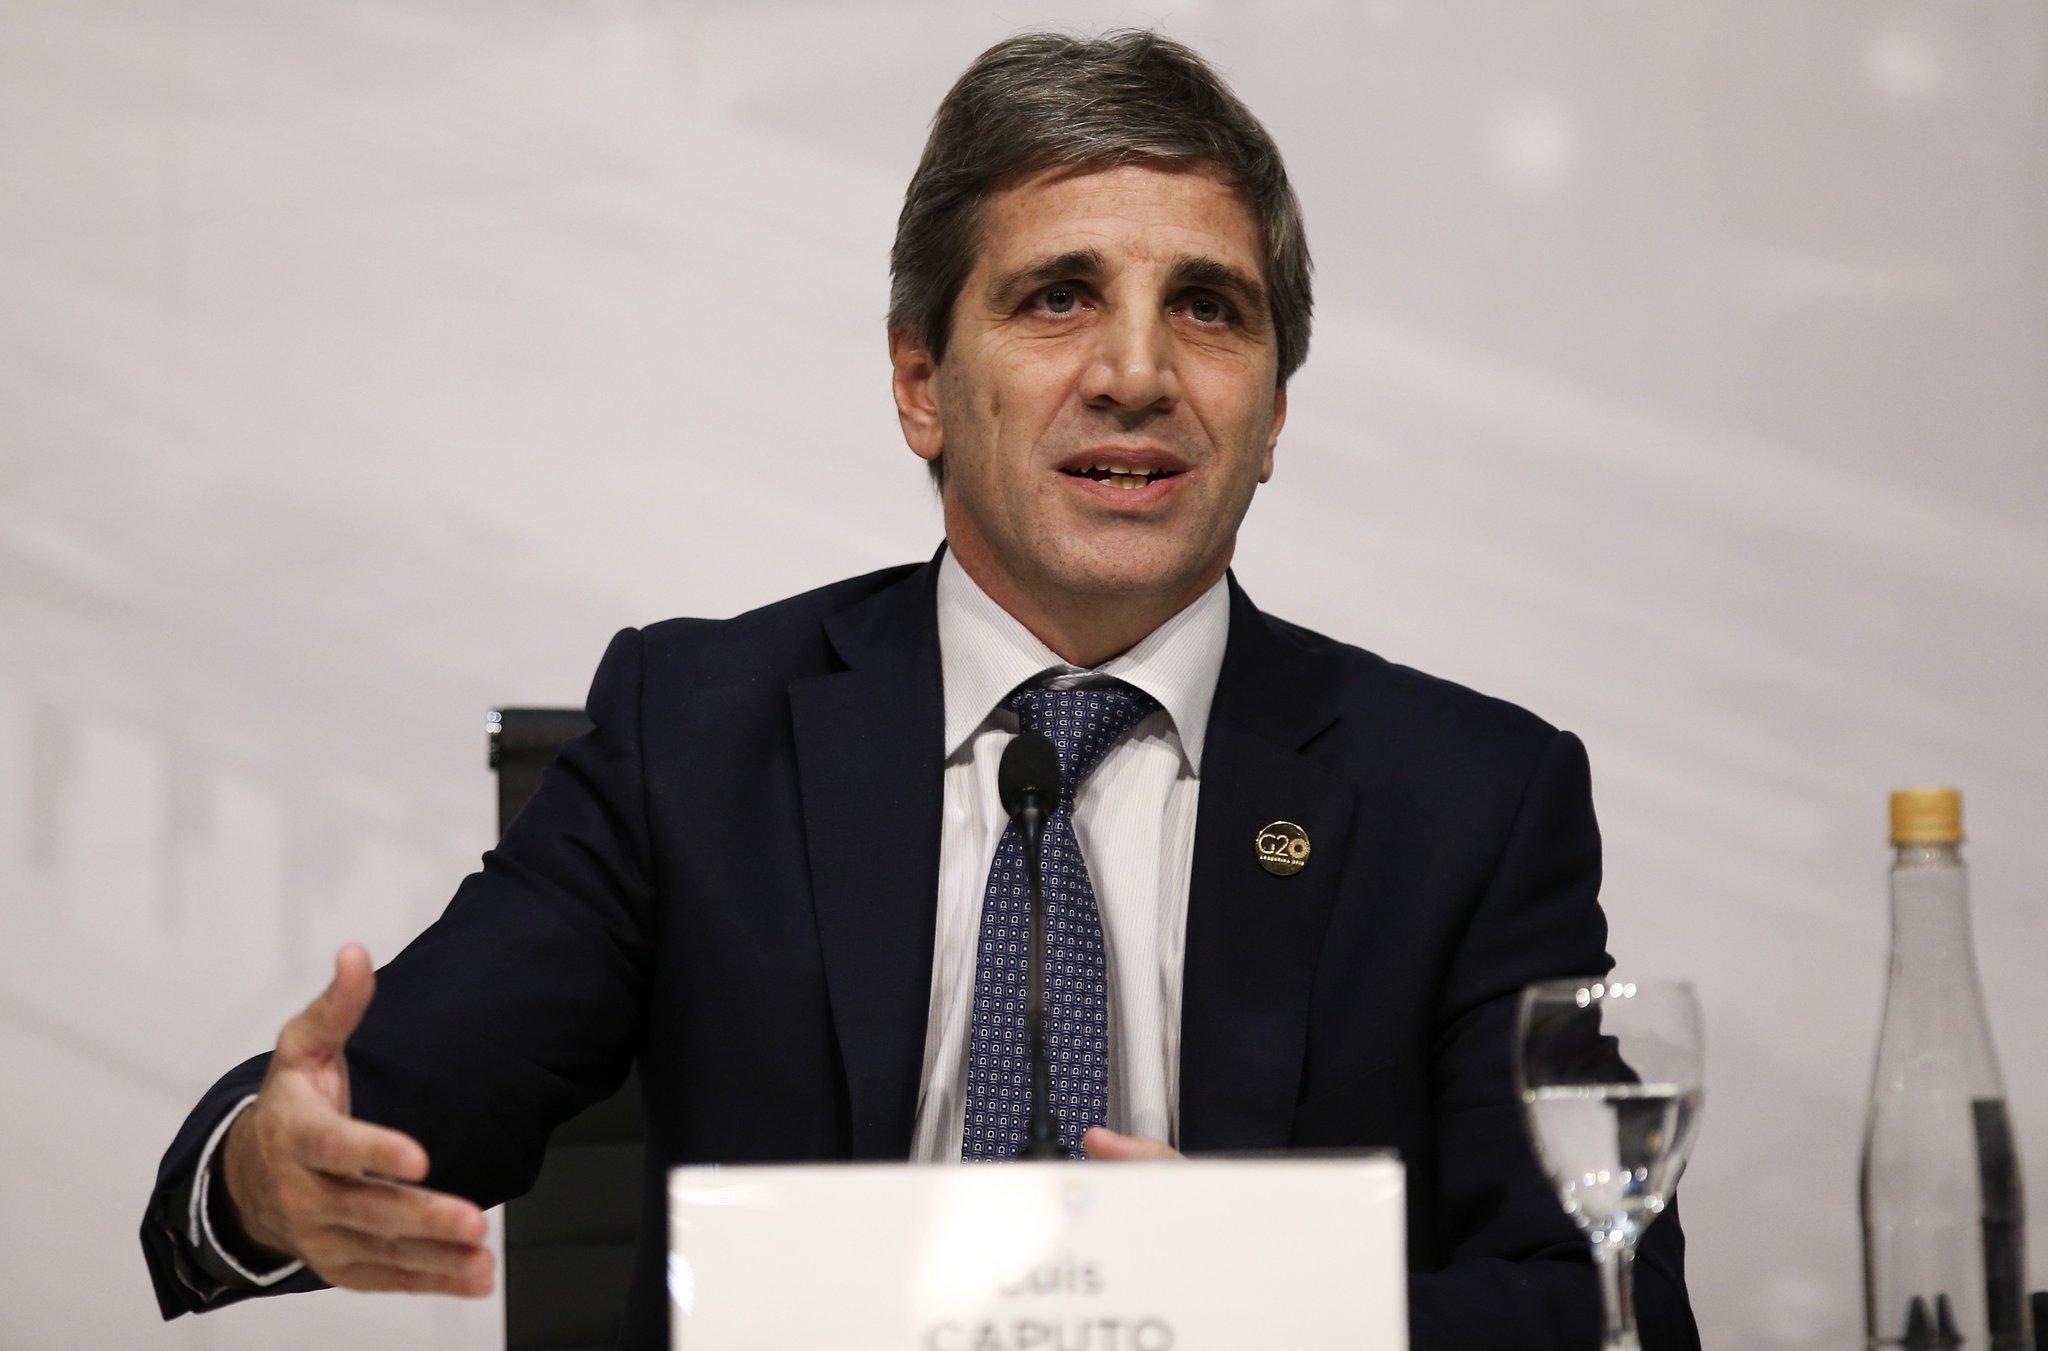 Renuncia Luis Caputo, presidente del Banco Central de Argentina https://t.co/cgu7iF7ZNP https://t.co/xdZs4vidxI